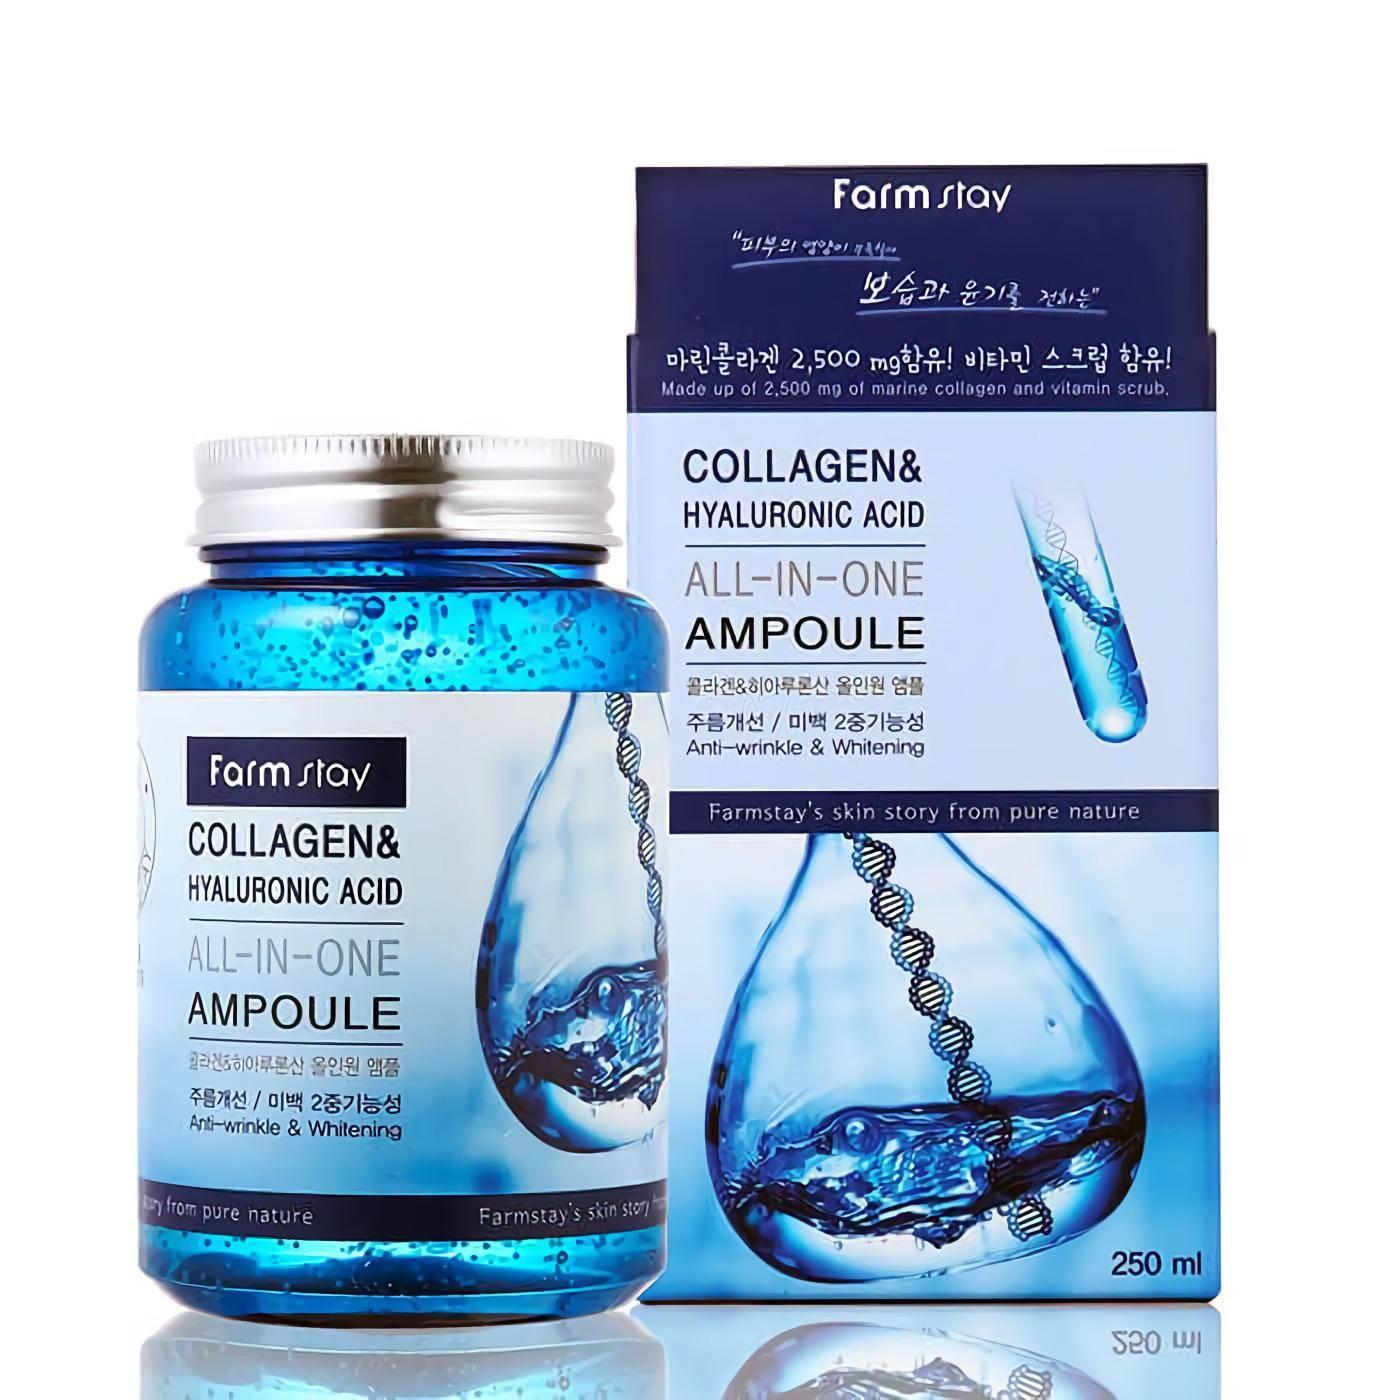 FarmStay All-In-One Collagen & Hyaluronic Acid Ampoule